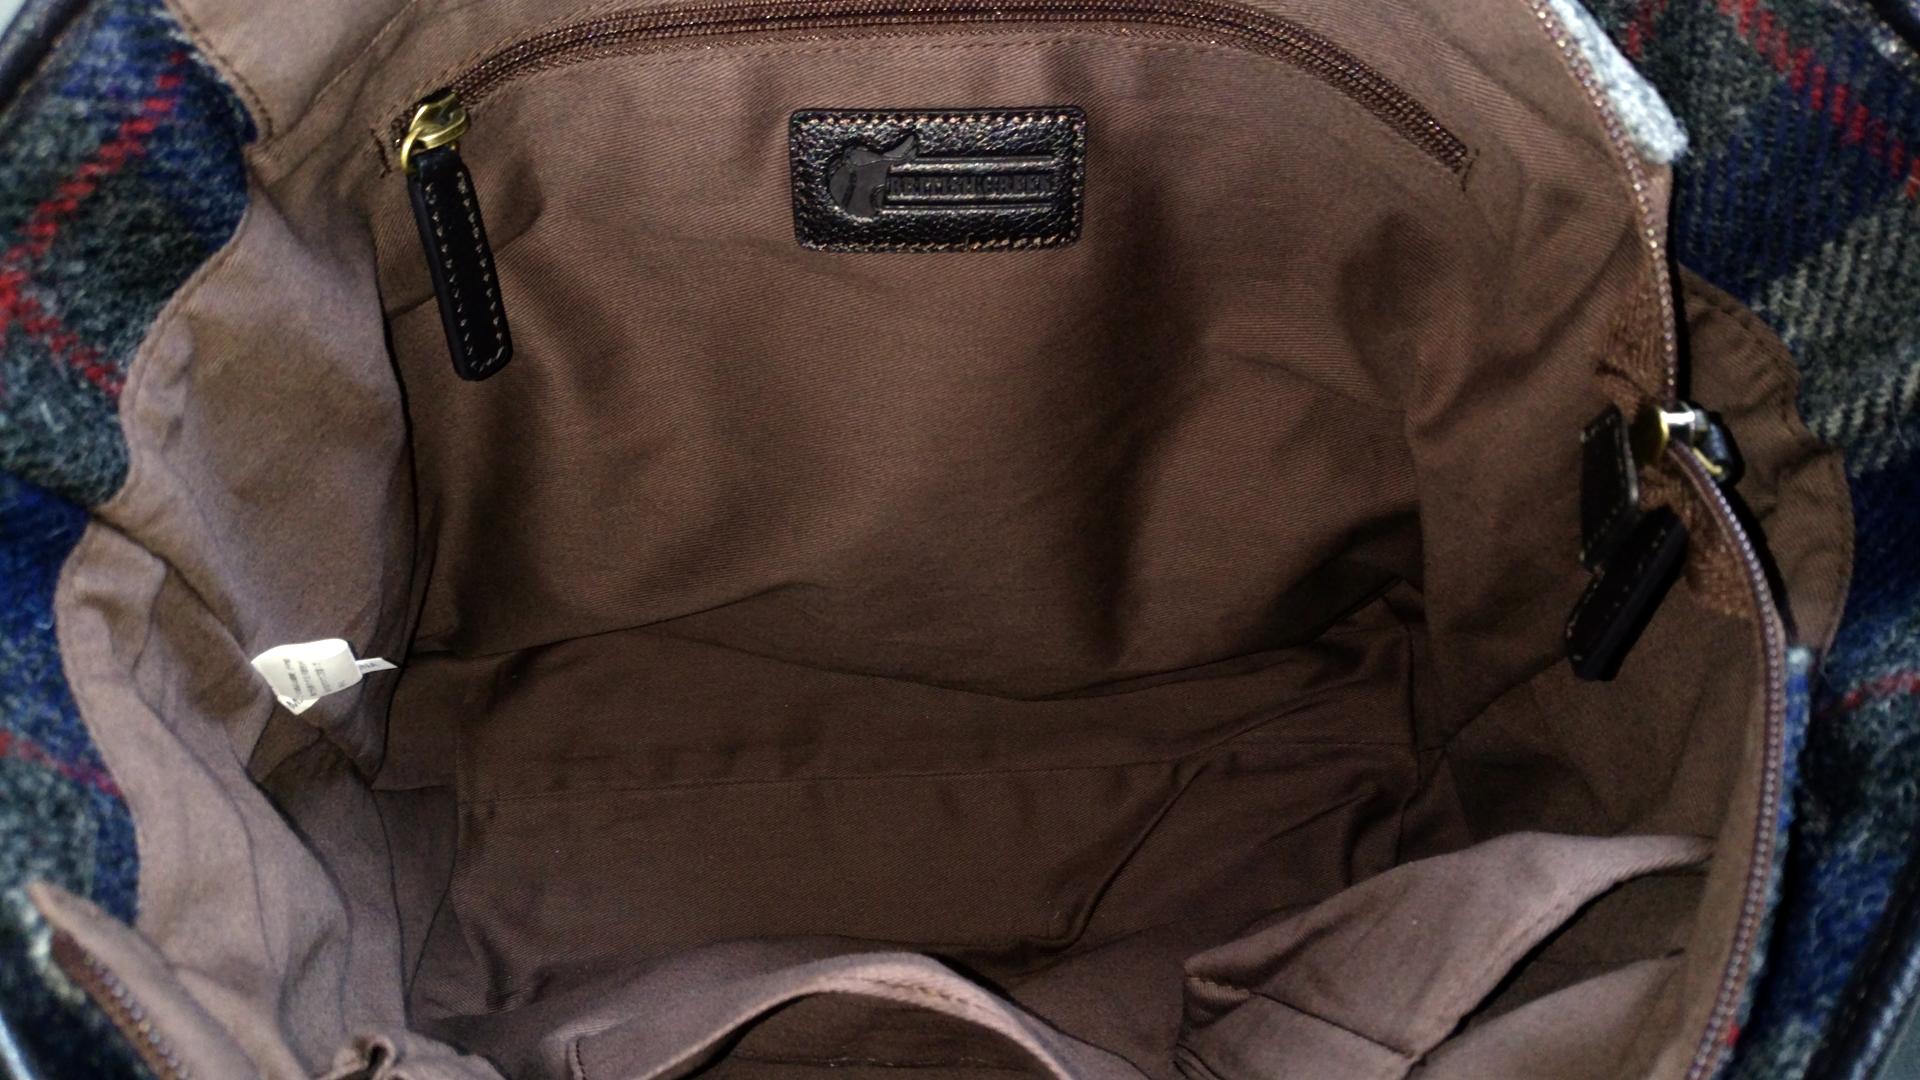 【メンズ】ハリスツイードのオシャレなトートバッグを購入したのでレビュー【口コミ】